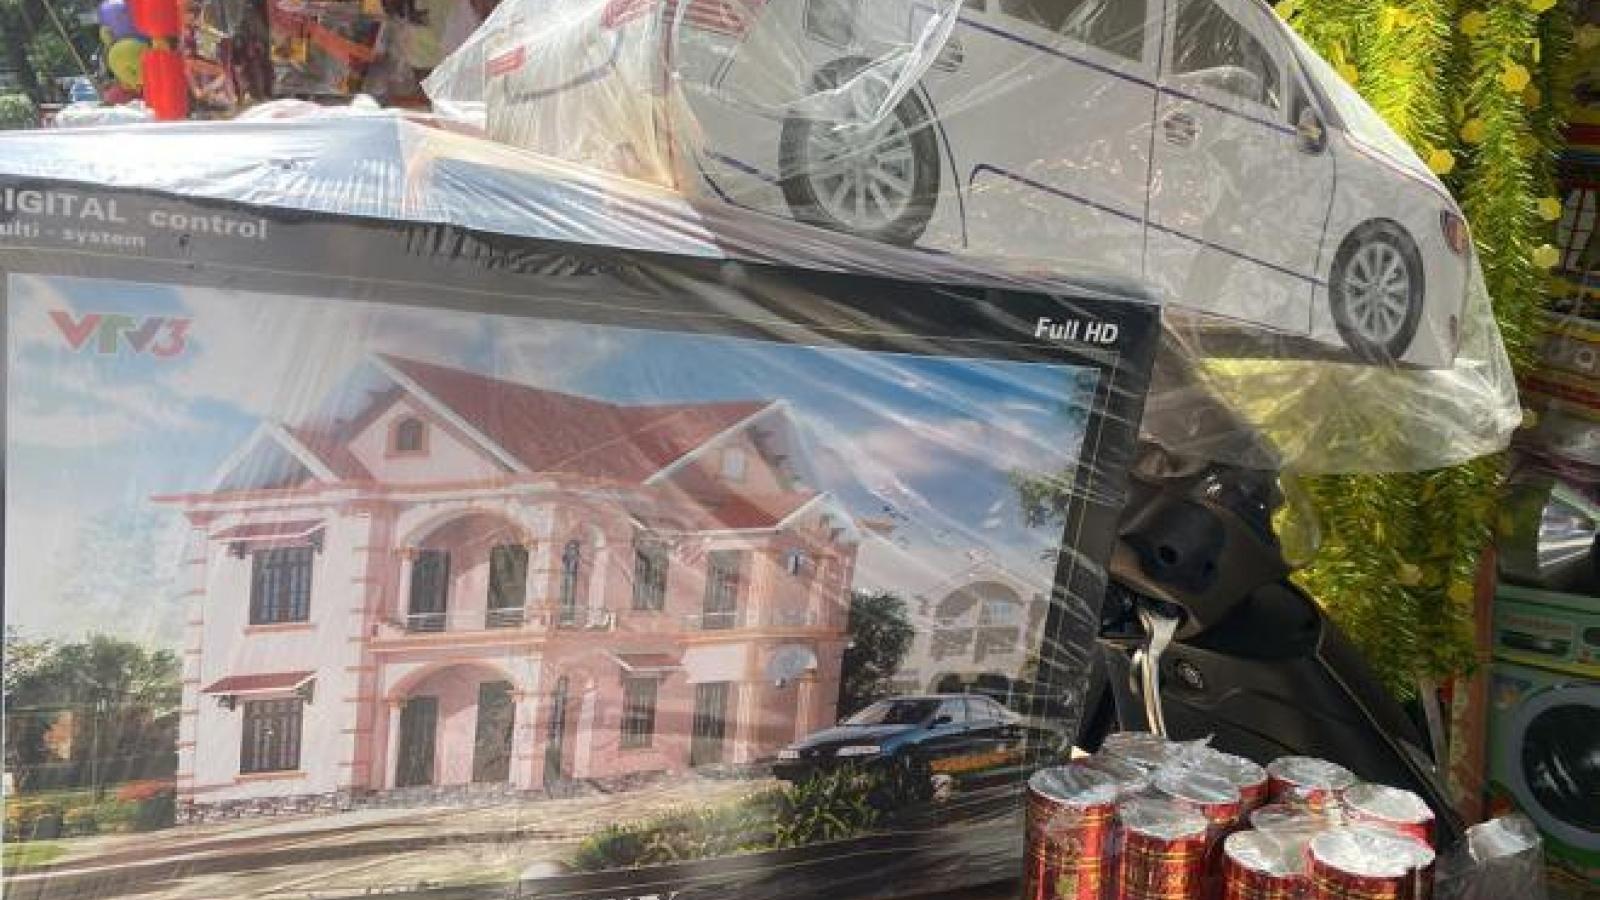 Thị trường vàng mã rằm tháng 7: Nhà lầu, xe hơi, máy giặt ế chỏng chơ